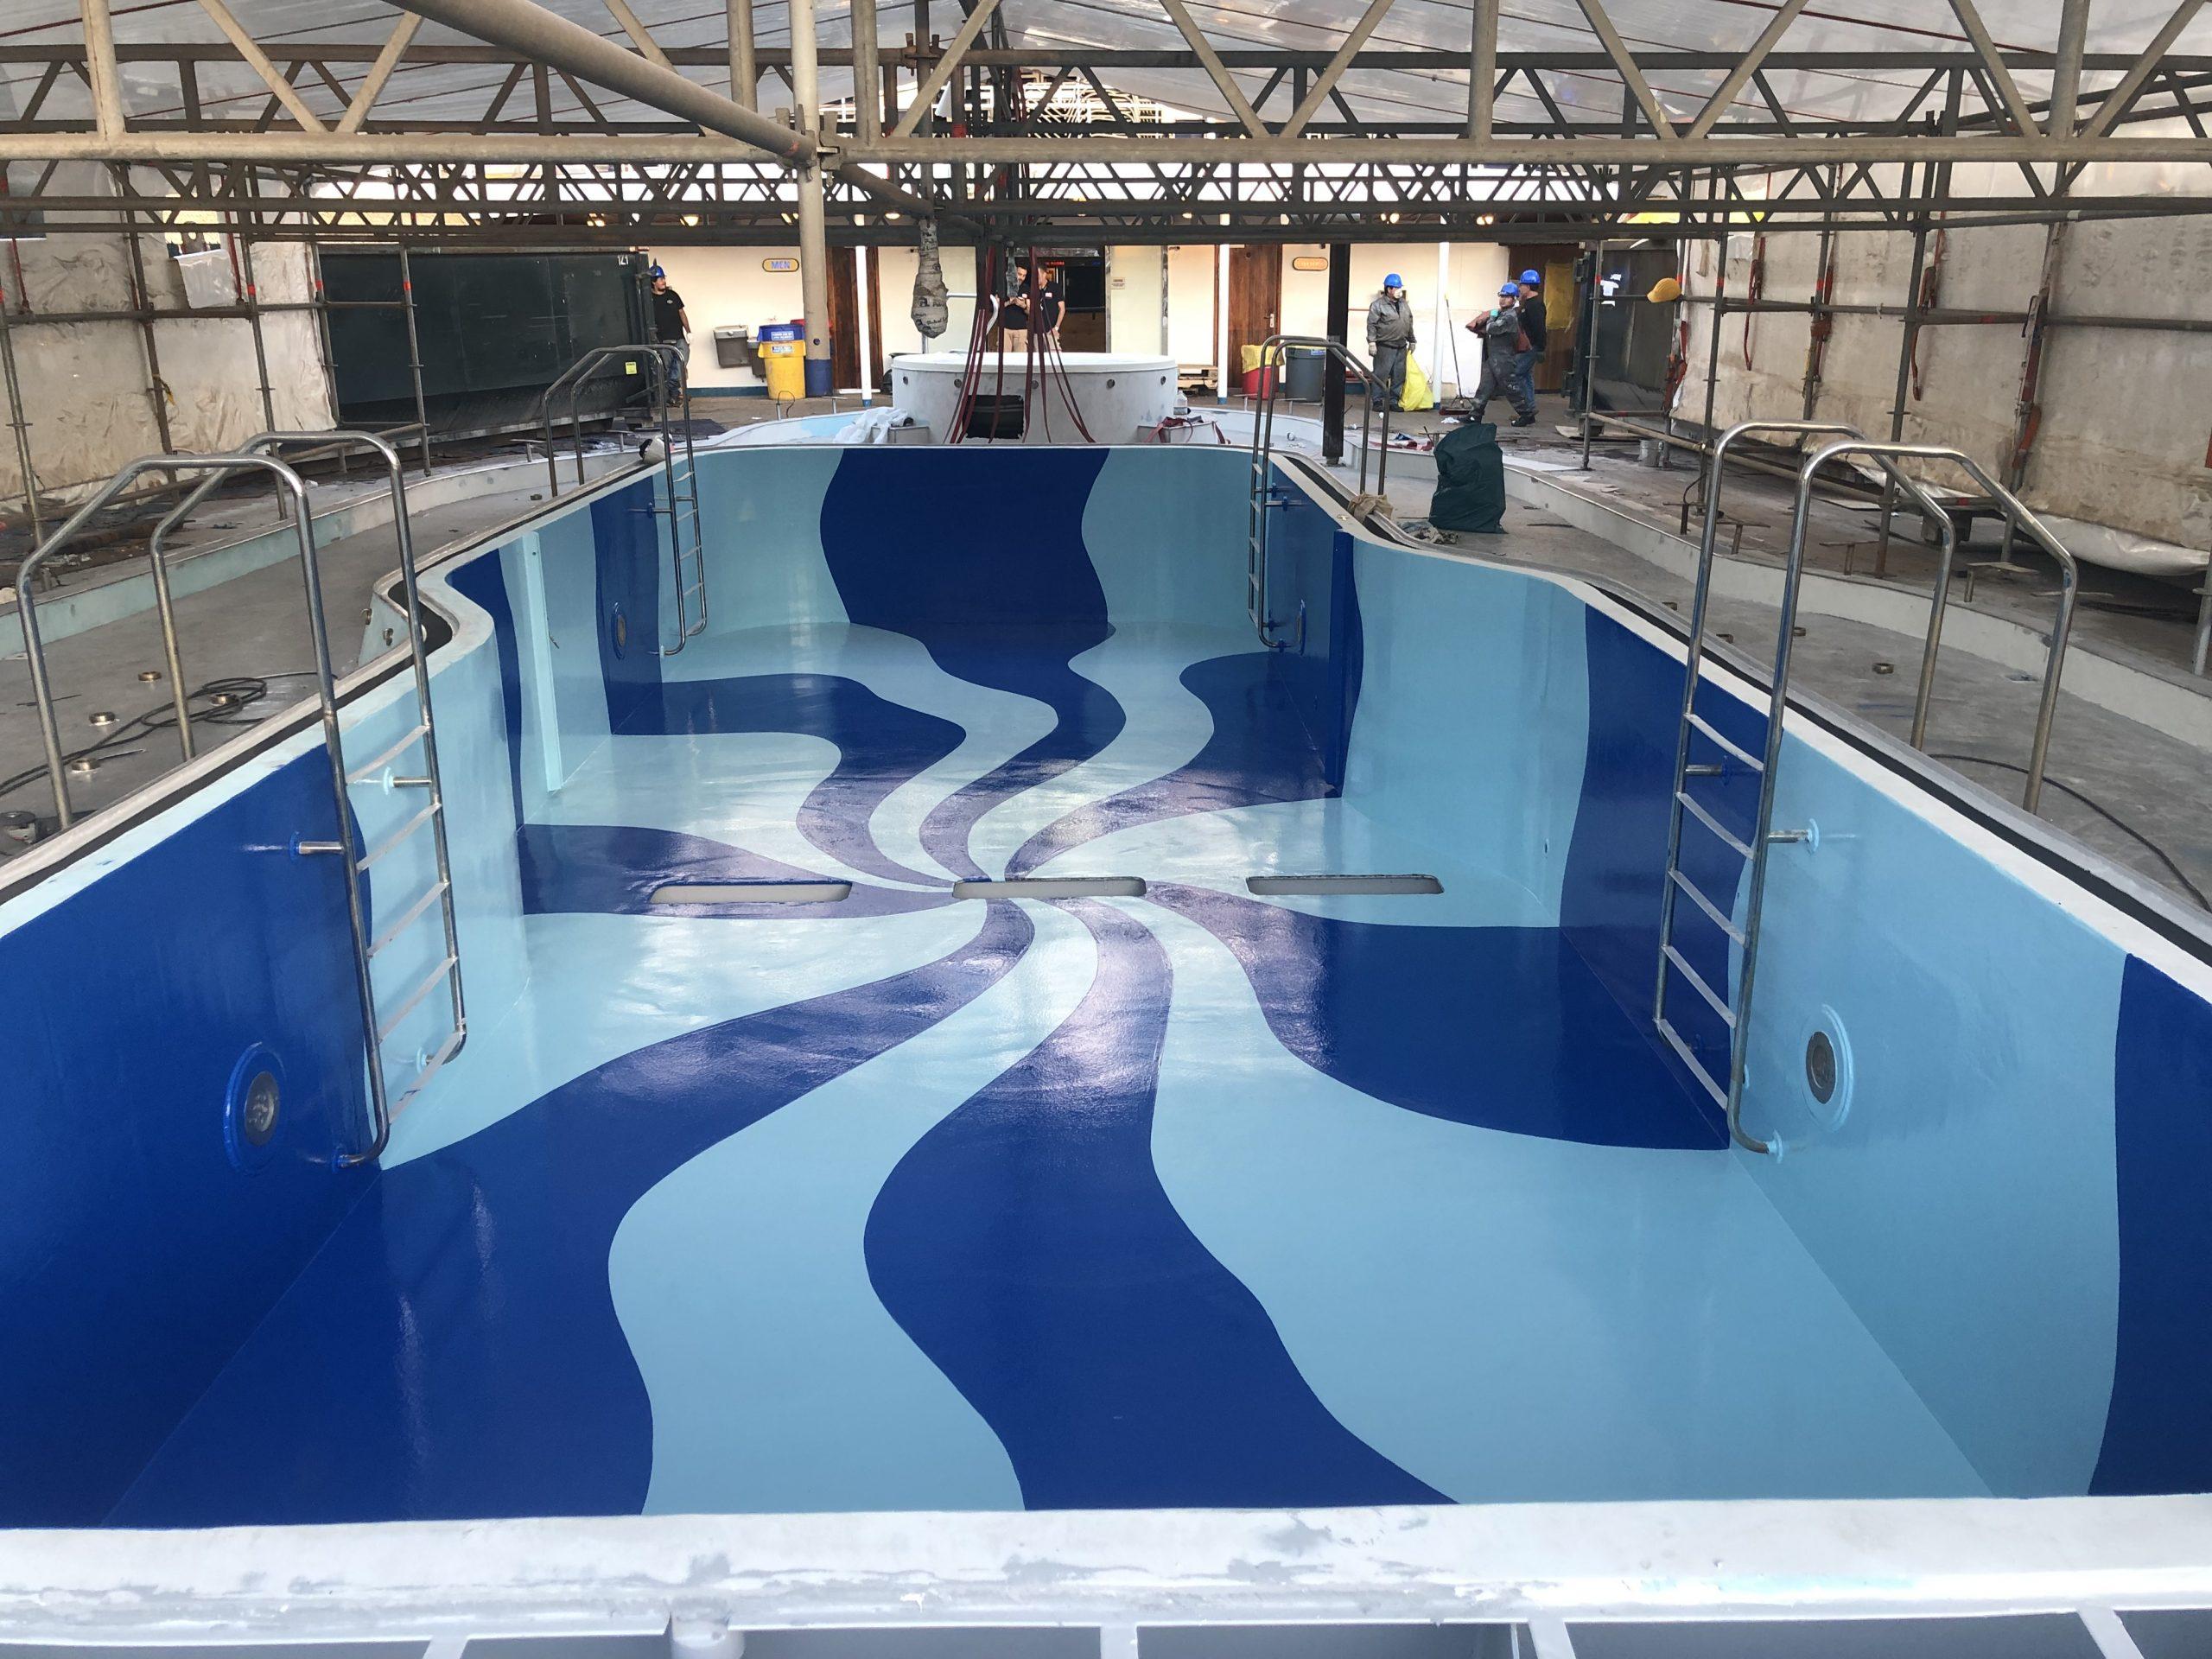 Carnival cruise Fantasy diego bormida artist pool chemco design epoxy resin precetti (19)